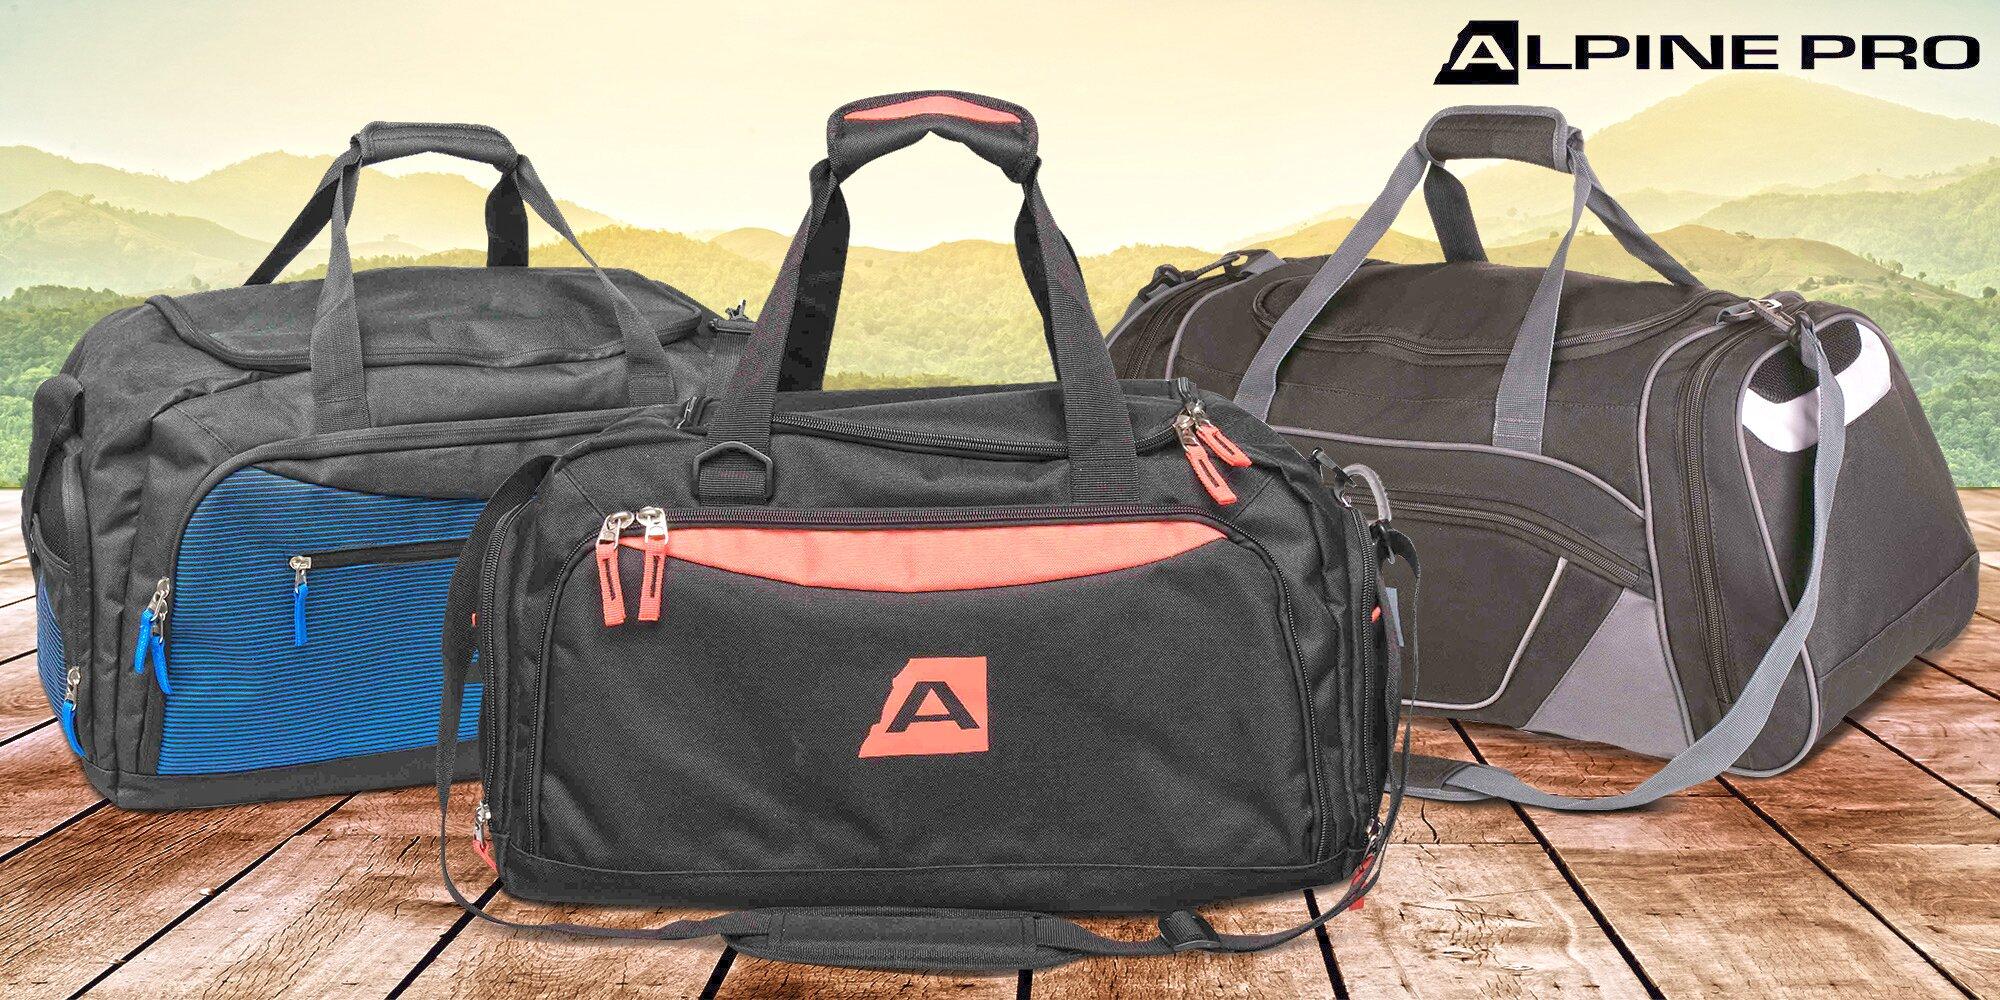 384568c751 Sportovní tašky Alpine Pro - 3 varianty